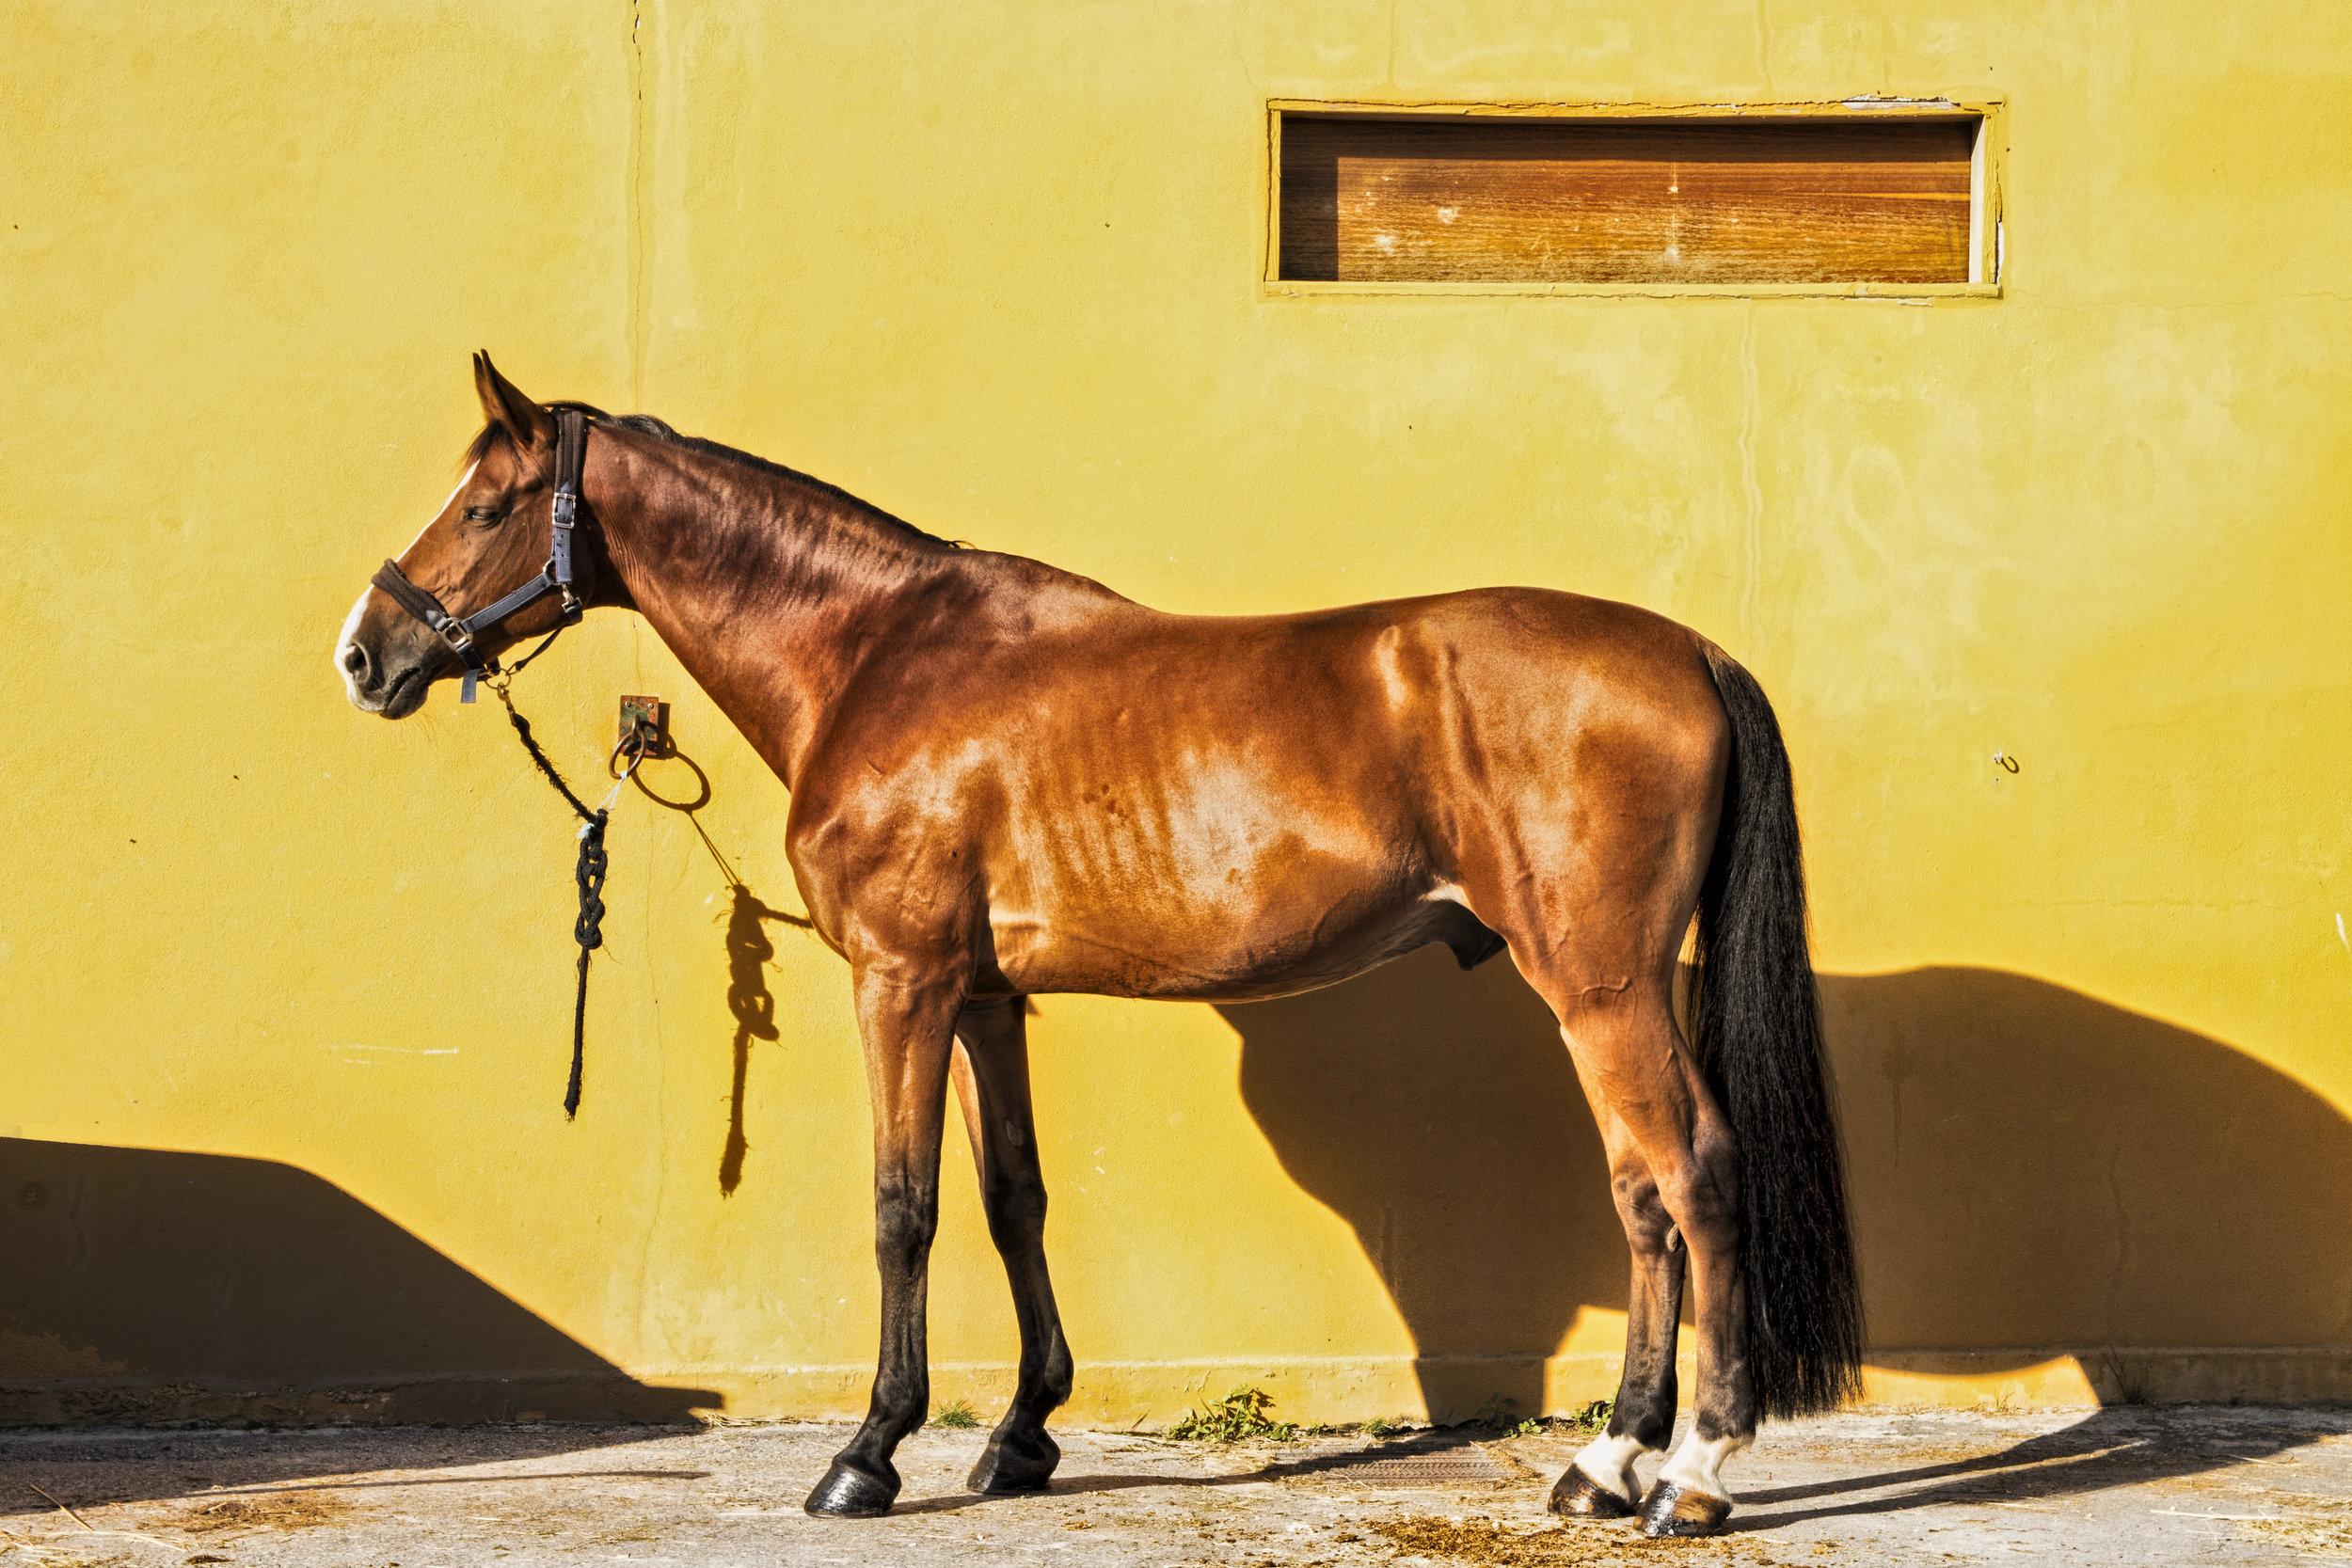 horses photoshoot i - Centro Hípico do Porto e Matosinhos / 2018